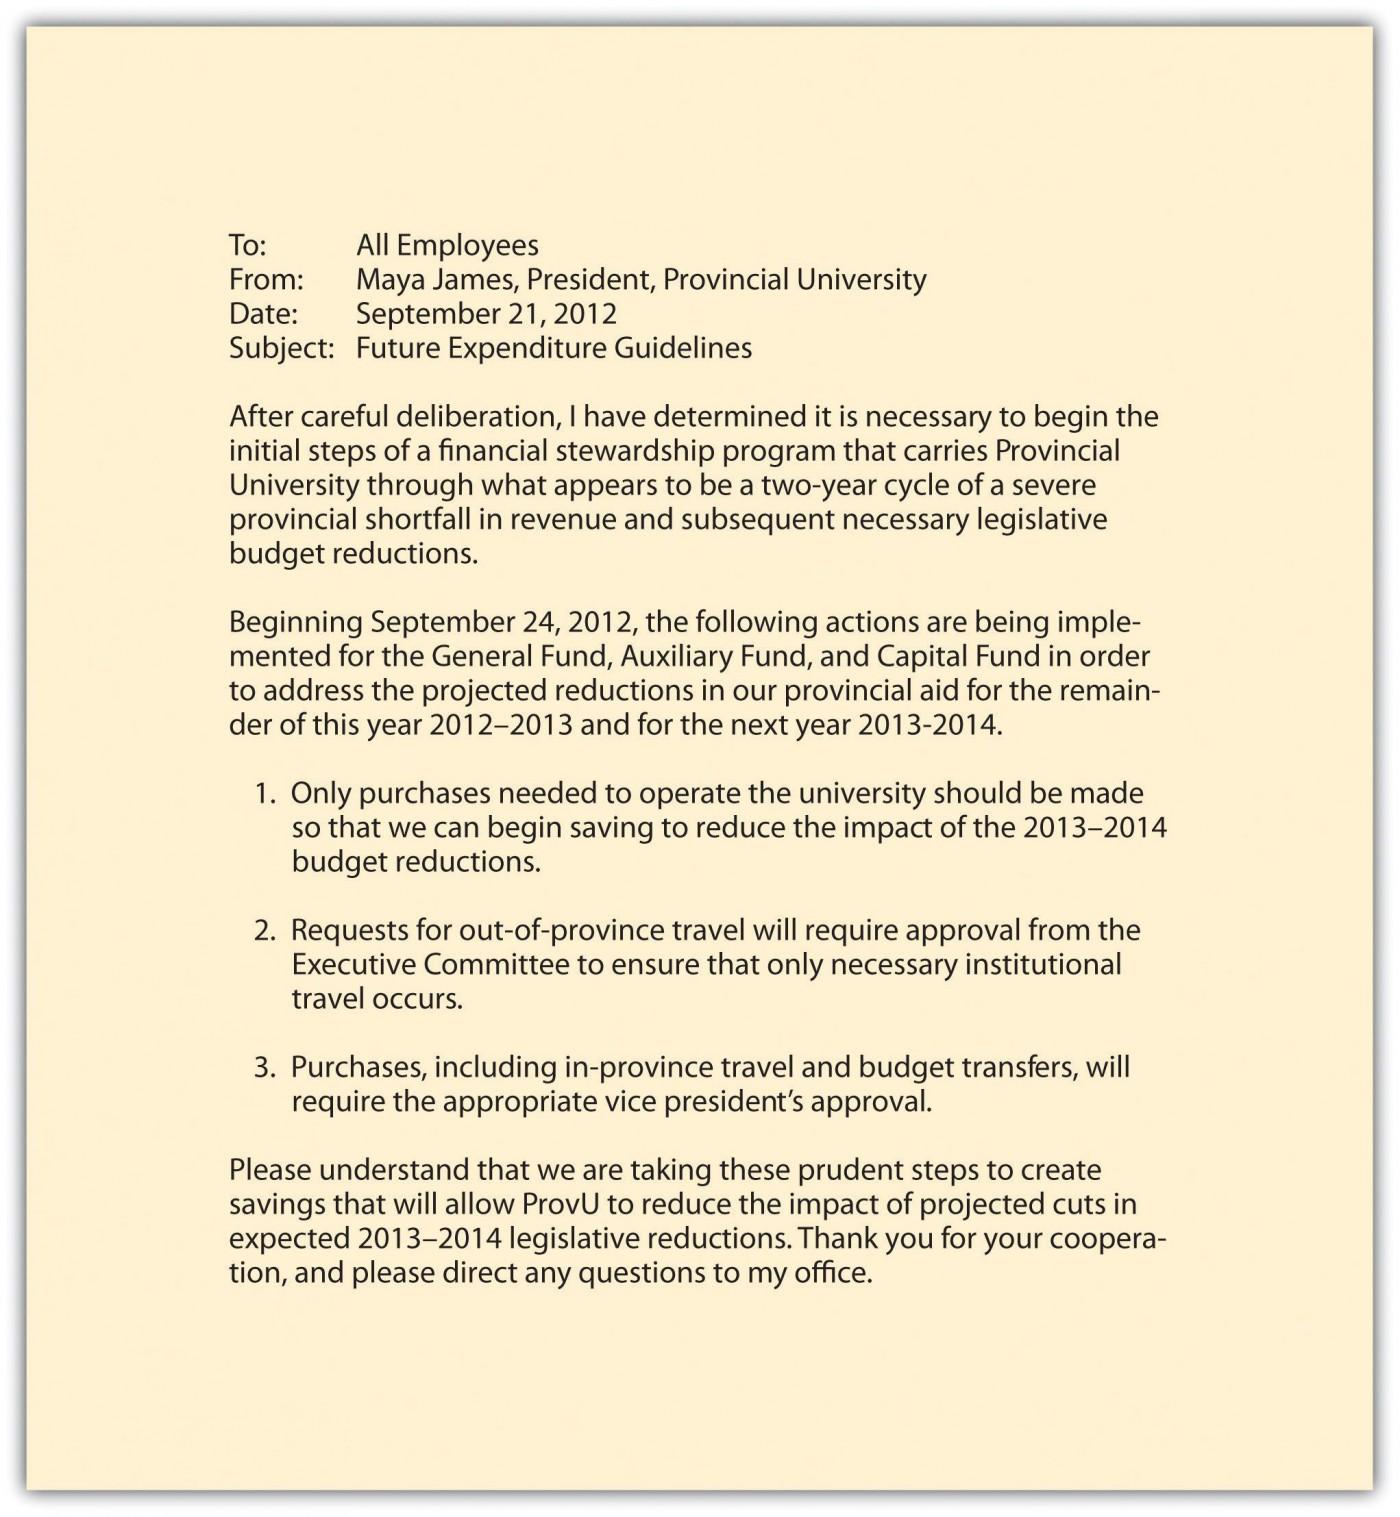 009 Fantastic Microsoft Word Professional Memorandum Template Highest Clarity  Memo1400